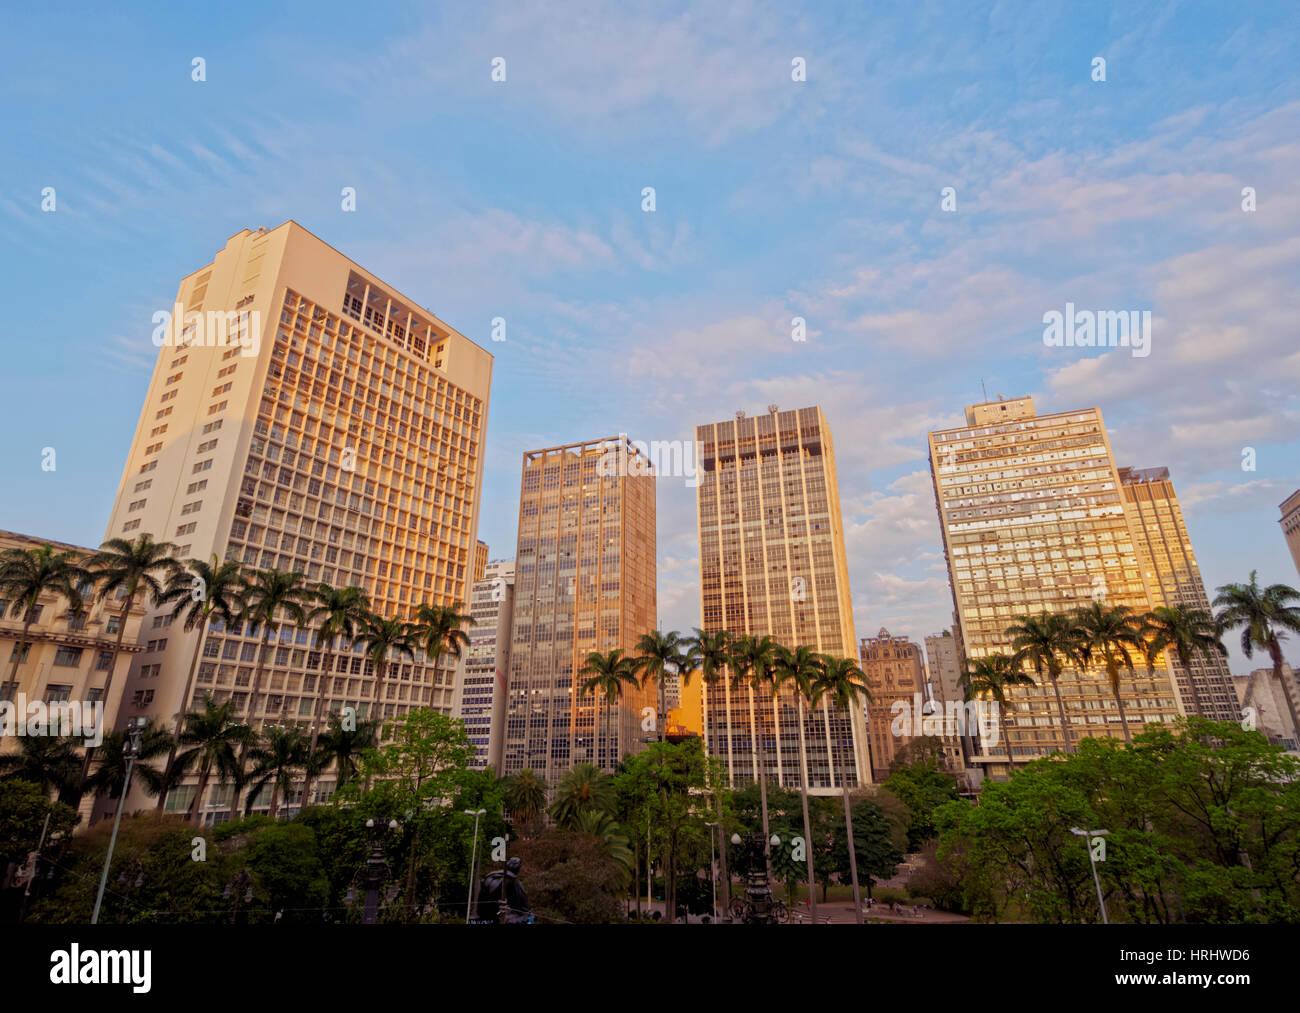 Vista del Parco Anhangabau ed edifici in centro citta'., città di Sao Paulo, Stato di Sao Paulo, Brasile Immagini Stock